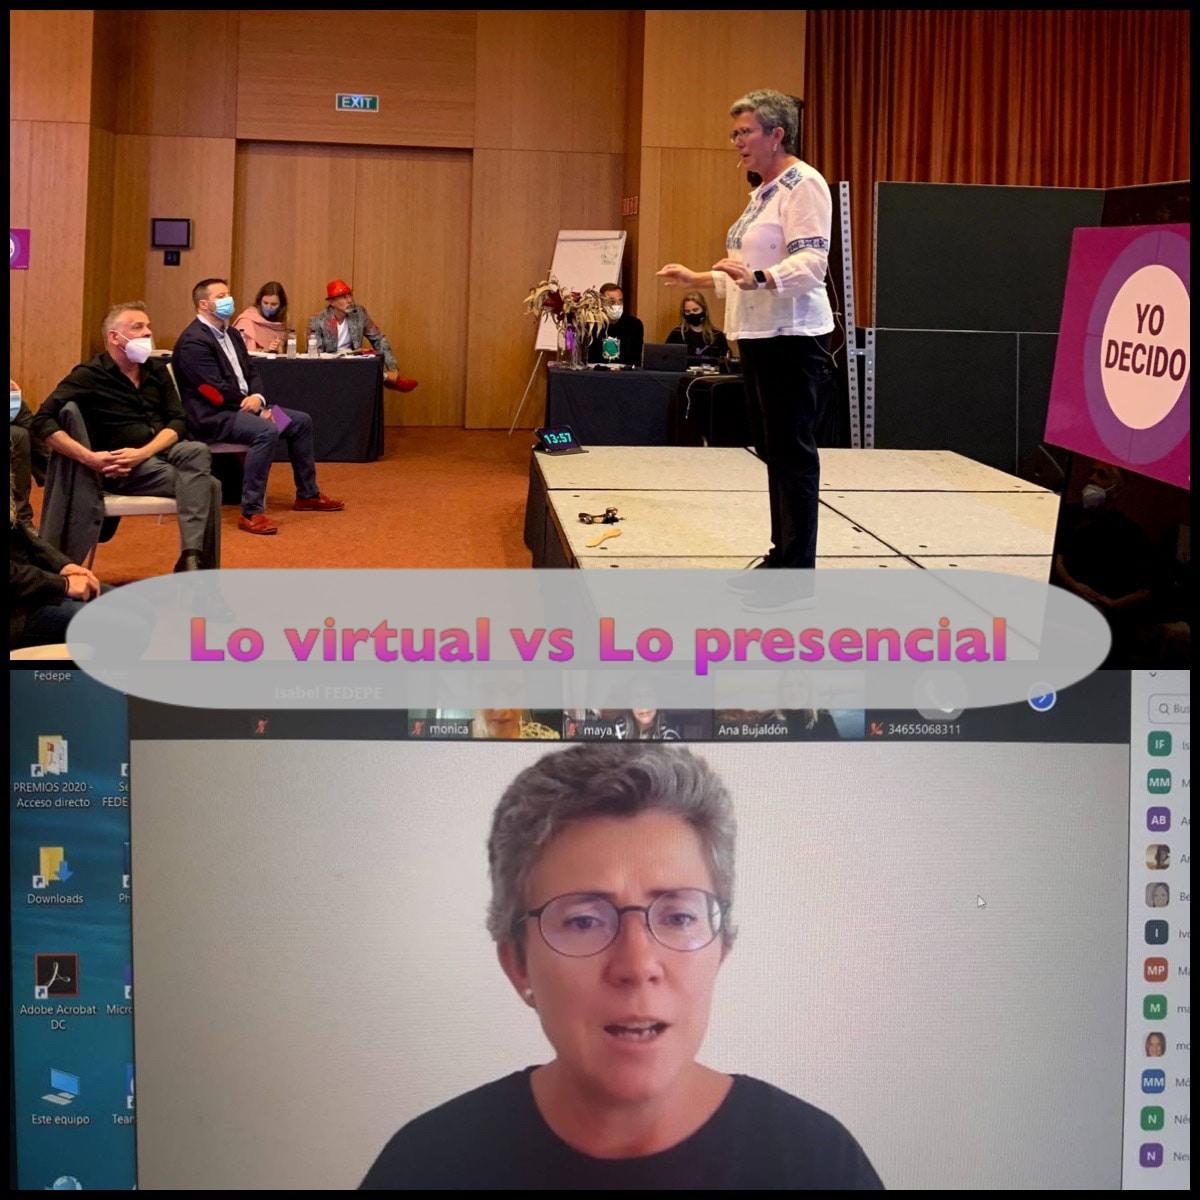 Lo virtual vs lo presencial